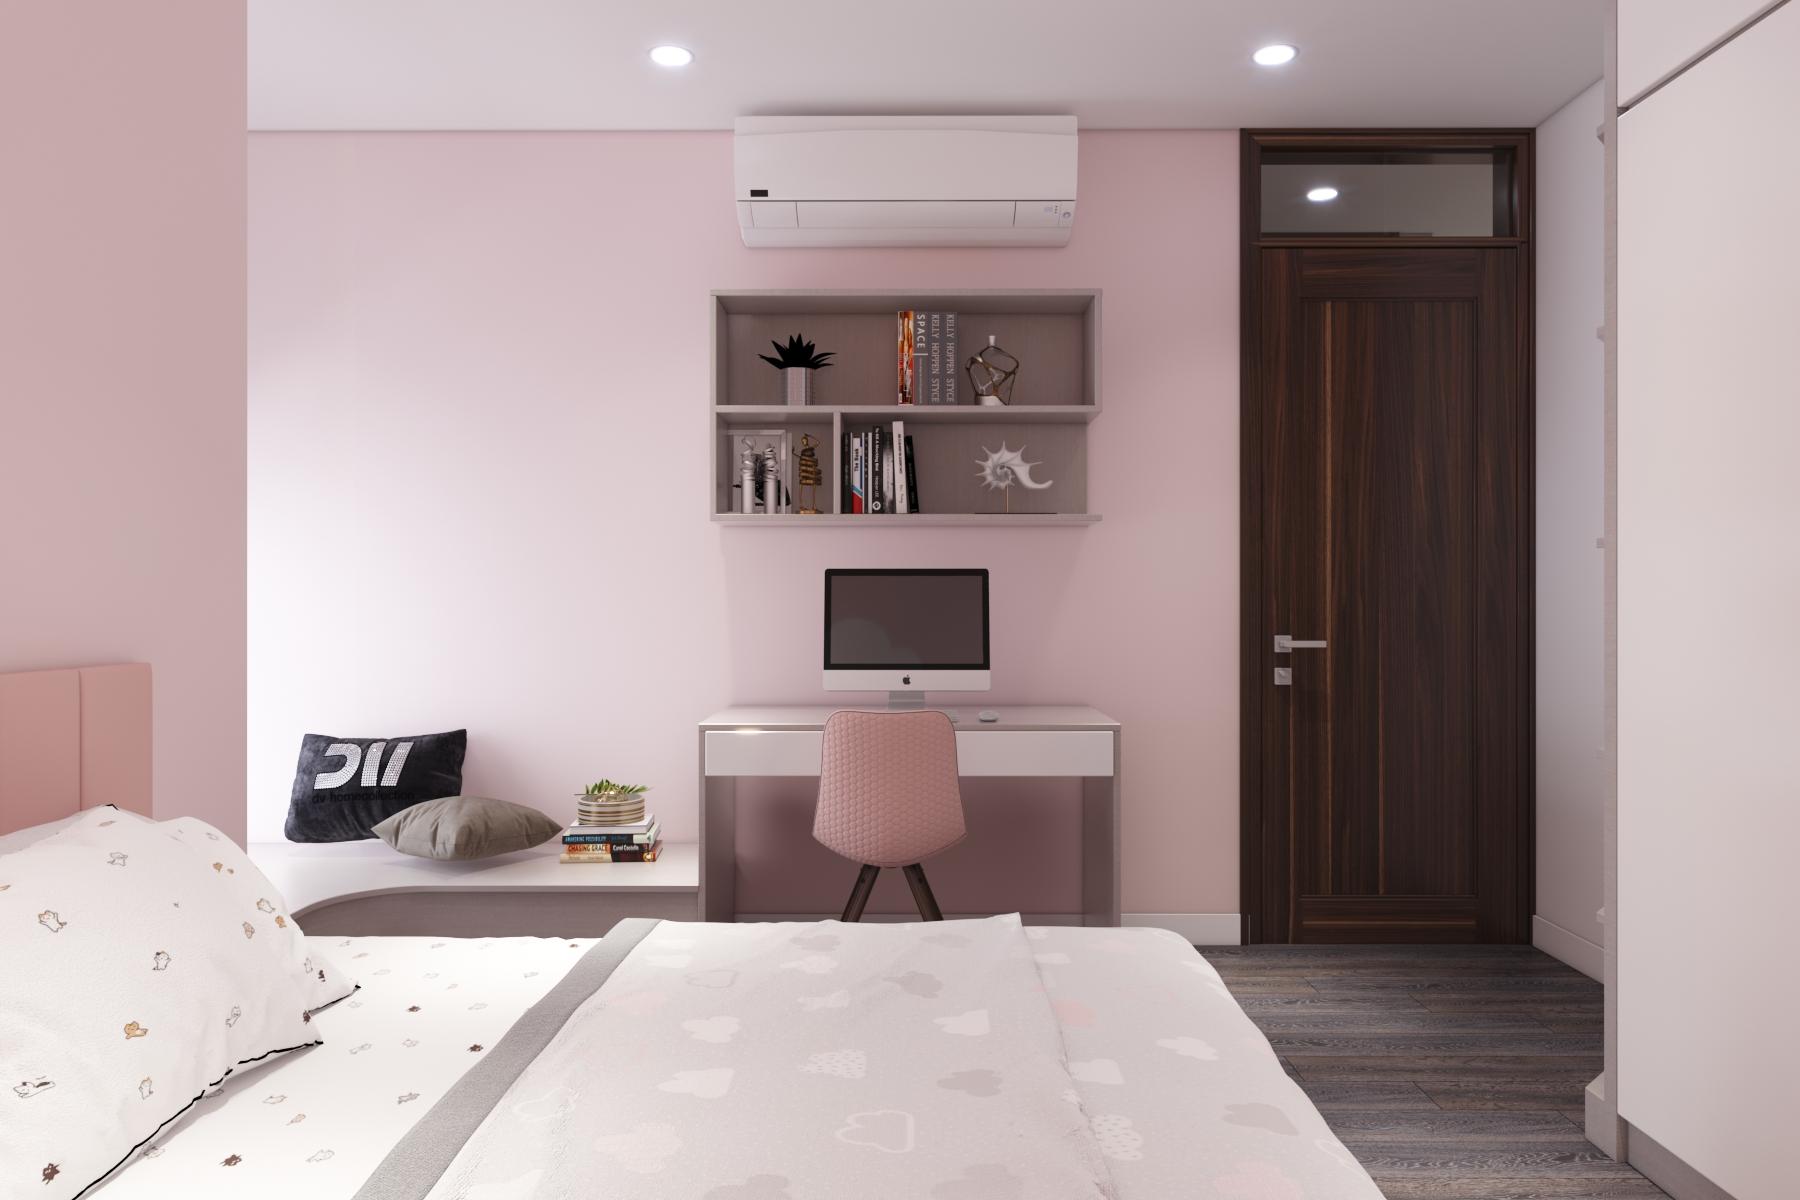 Thiết kế nội thất Chung Cư tại Hà Nội Chung cư New Skyline Văn Quán 1580465736 16